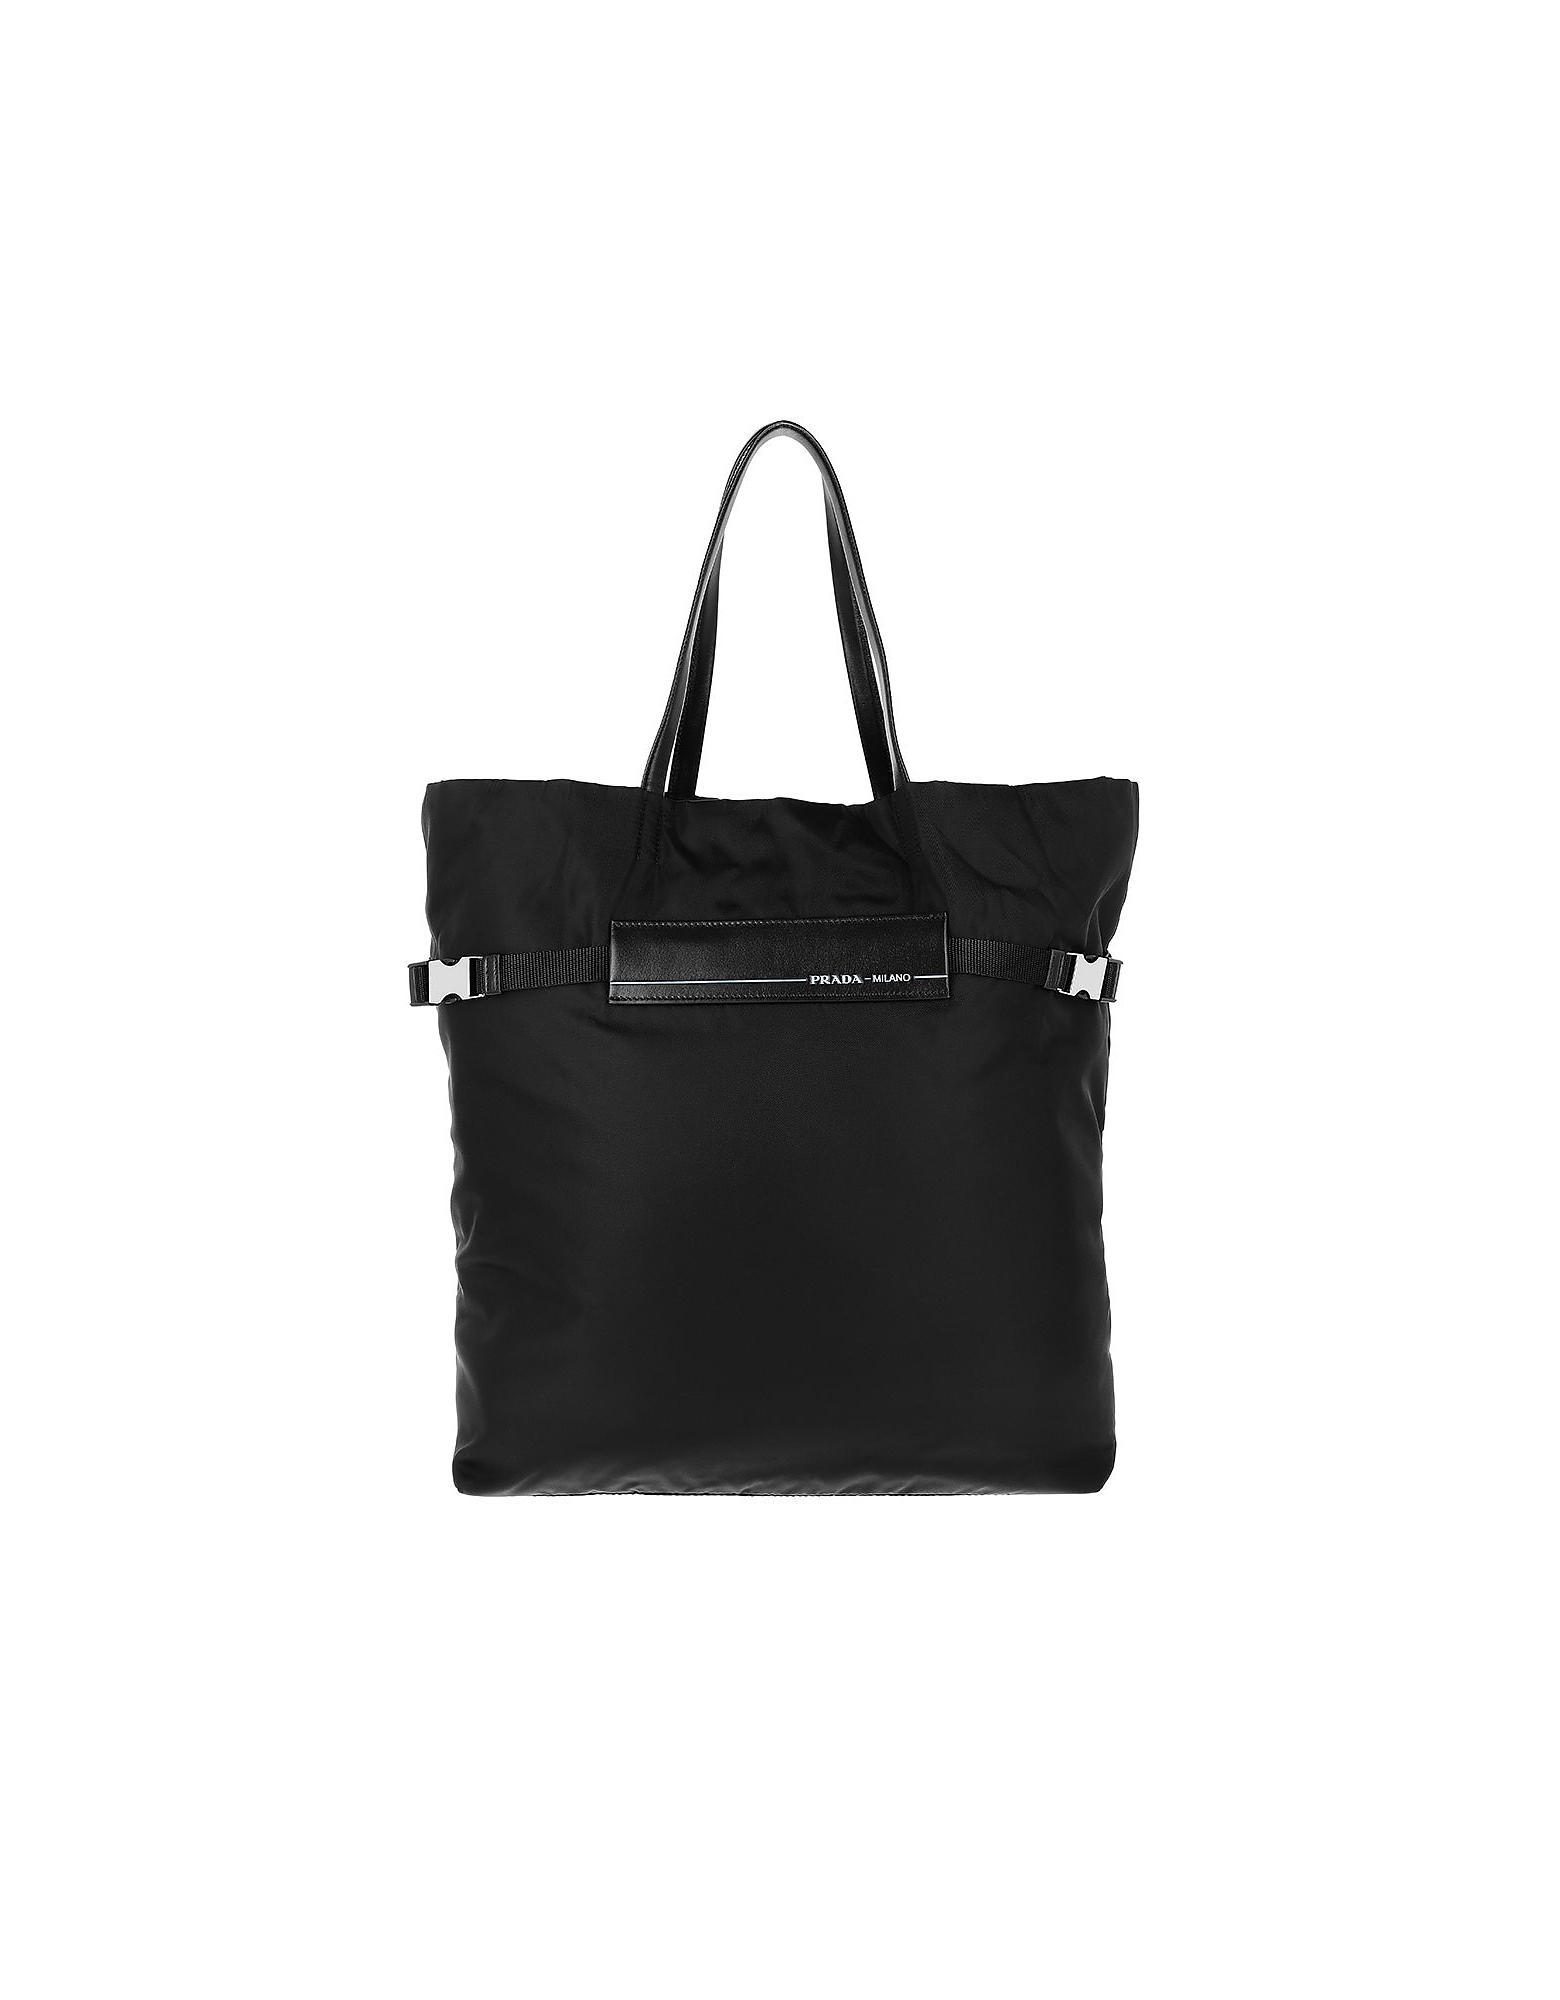 95818662216bd4 Lyst - Prada Logo Tote Bag Nylon Black in Black